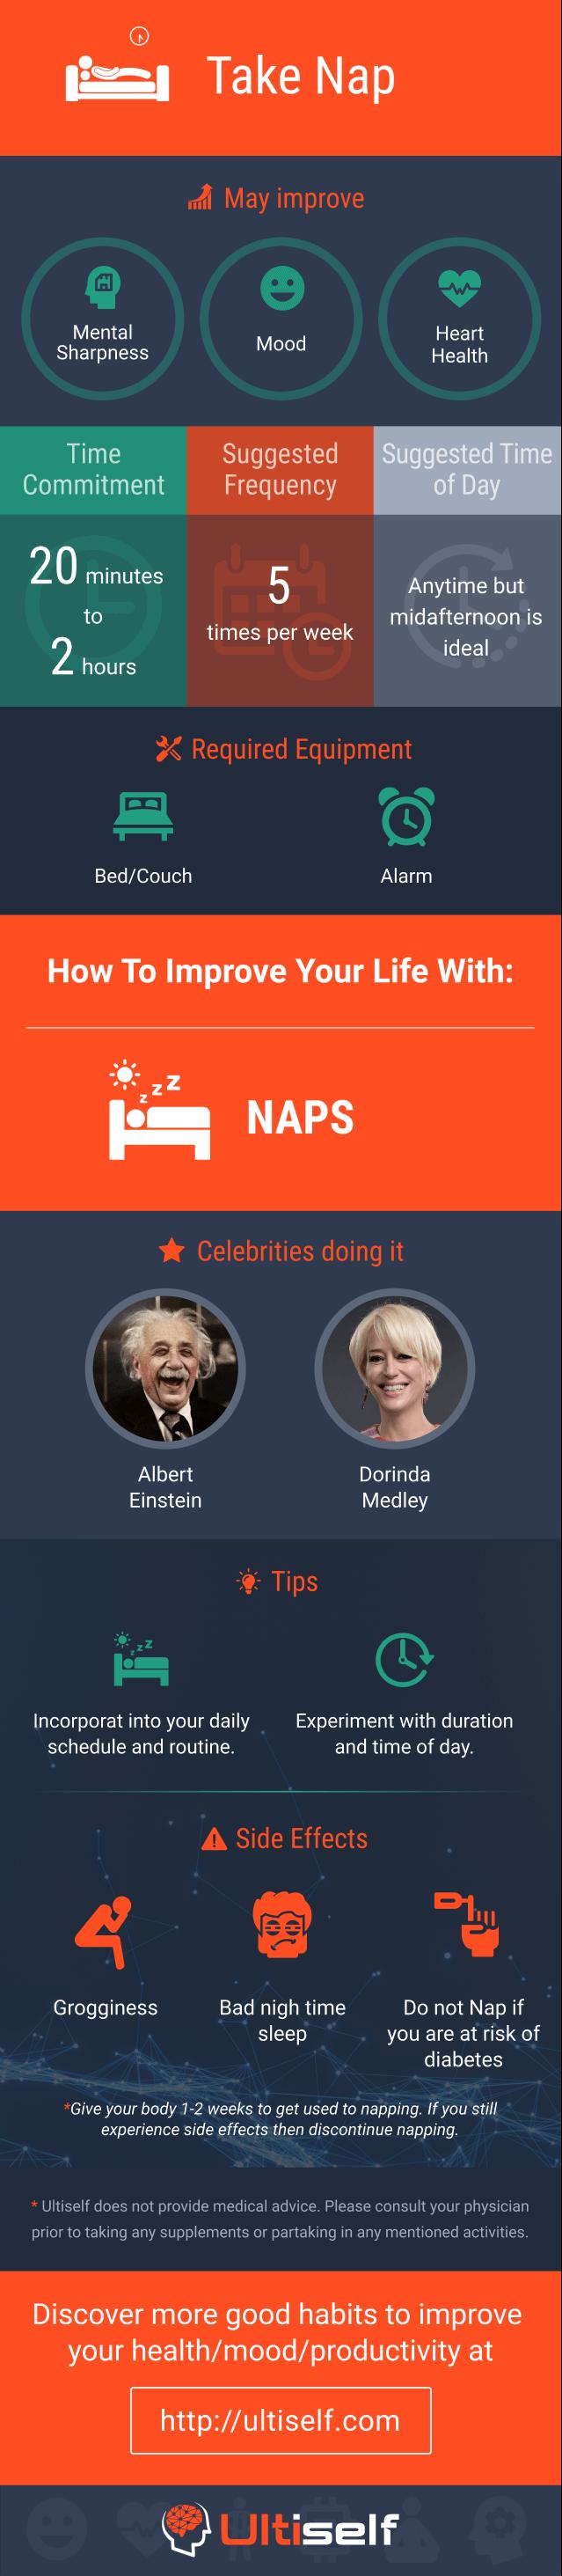 Take Nap infographic